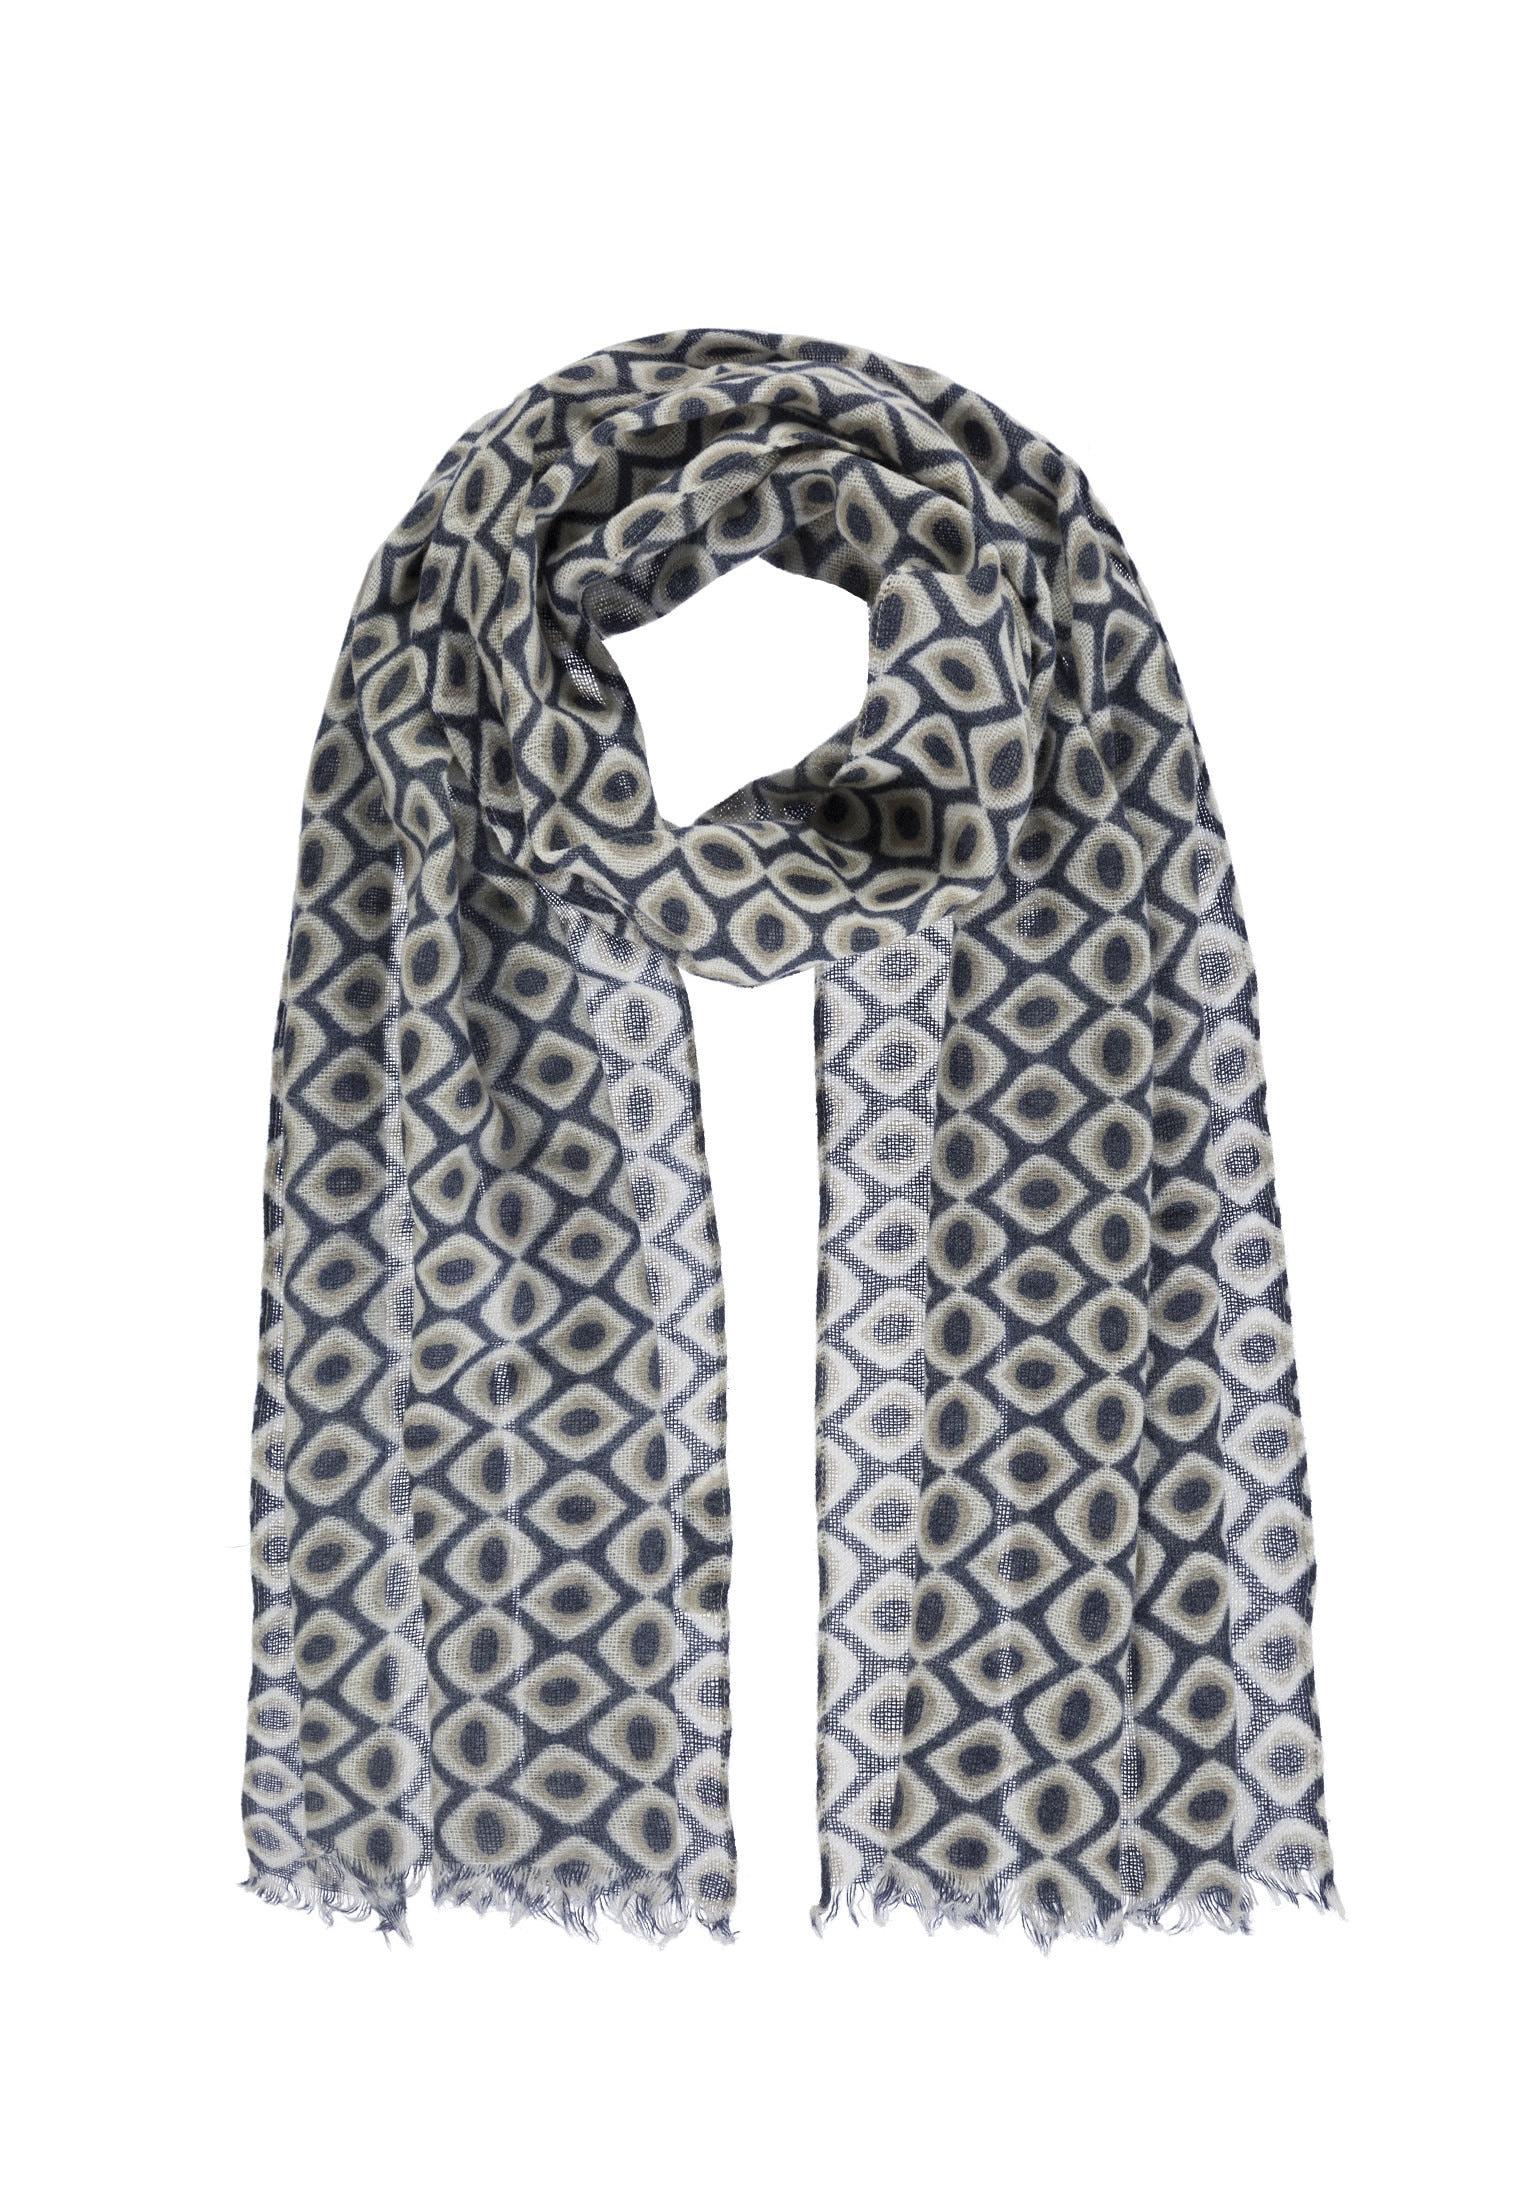 passigatti -  Schal, mit Allover Print